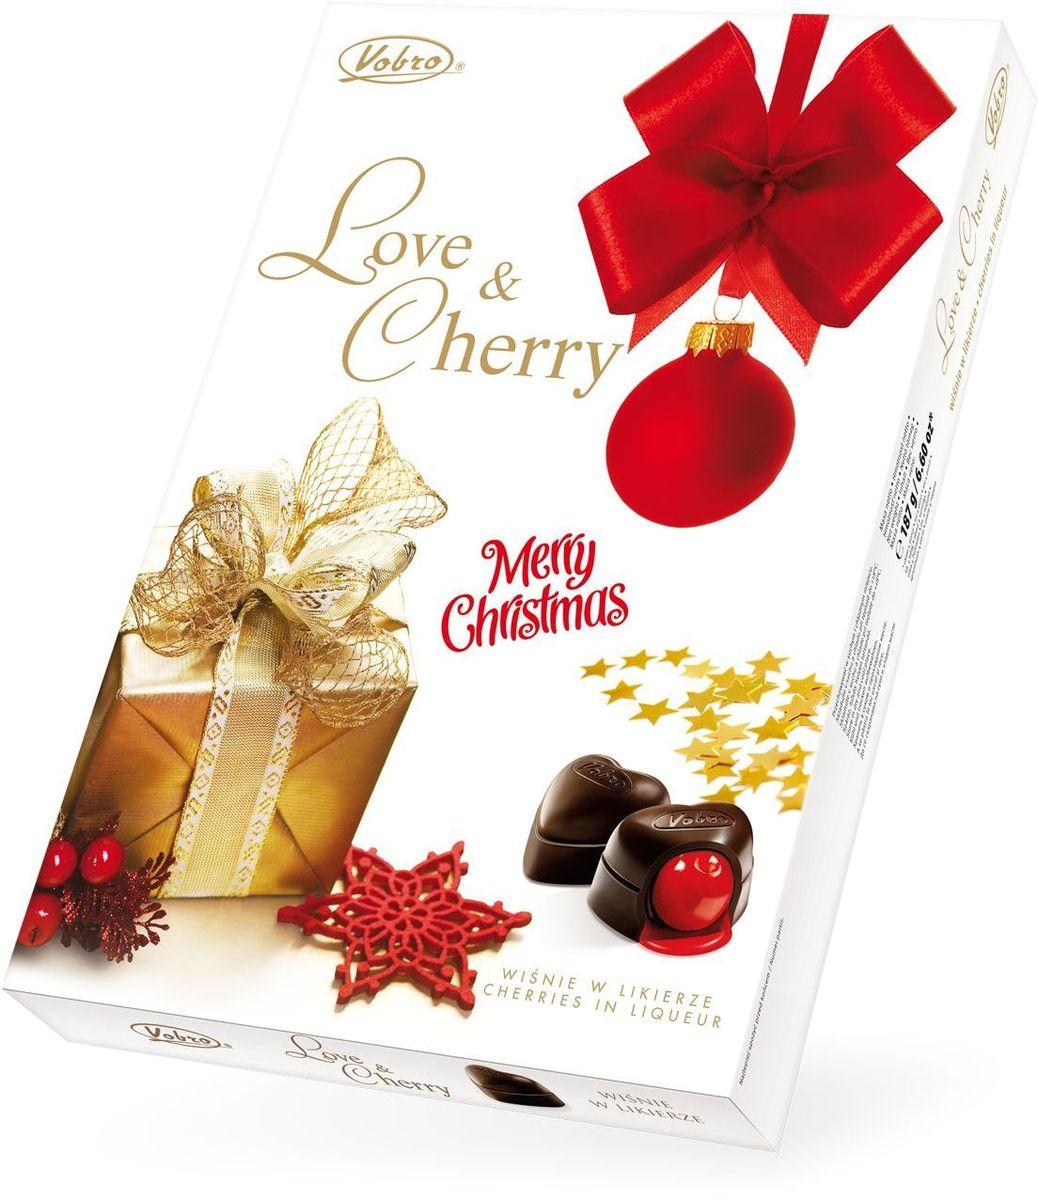 Vobro Love&Cherry Любовь и вишня набор шоколадных конфет вишня в ликере, 187 г виваль наборконфет 12шоколадныхпредсказаний 220 г